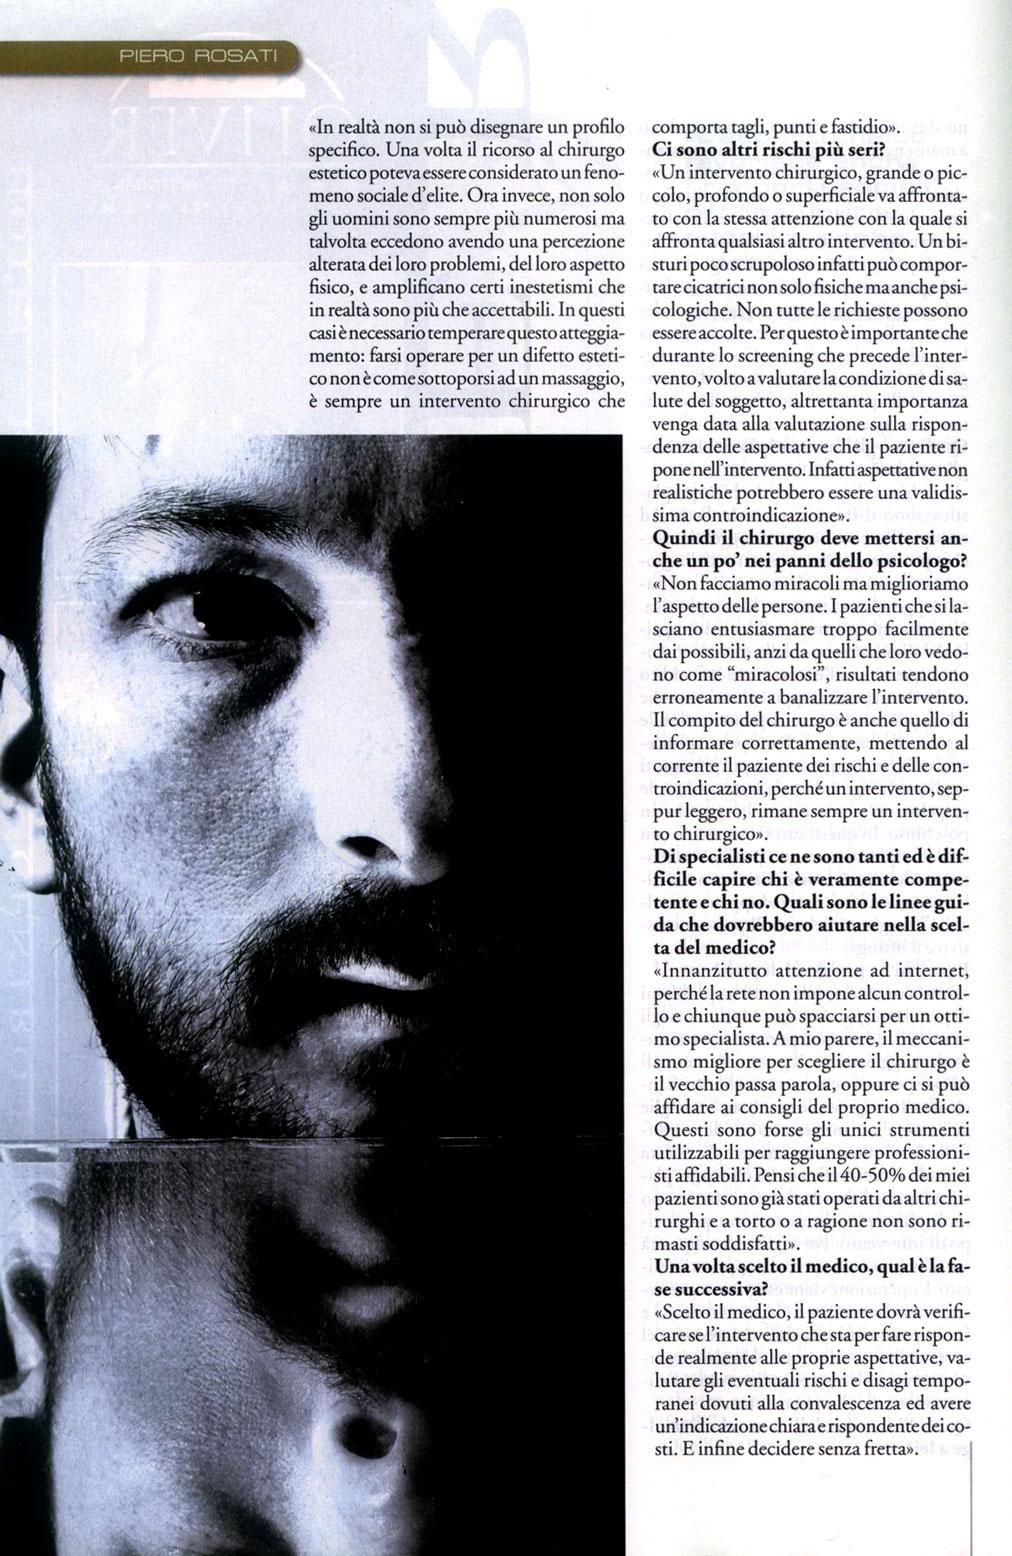 La vanità è anche uomo - articolo di Sanissimi su Piero Rosati 5